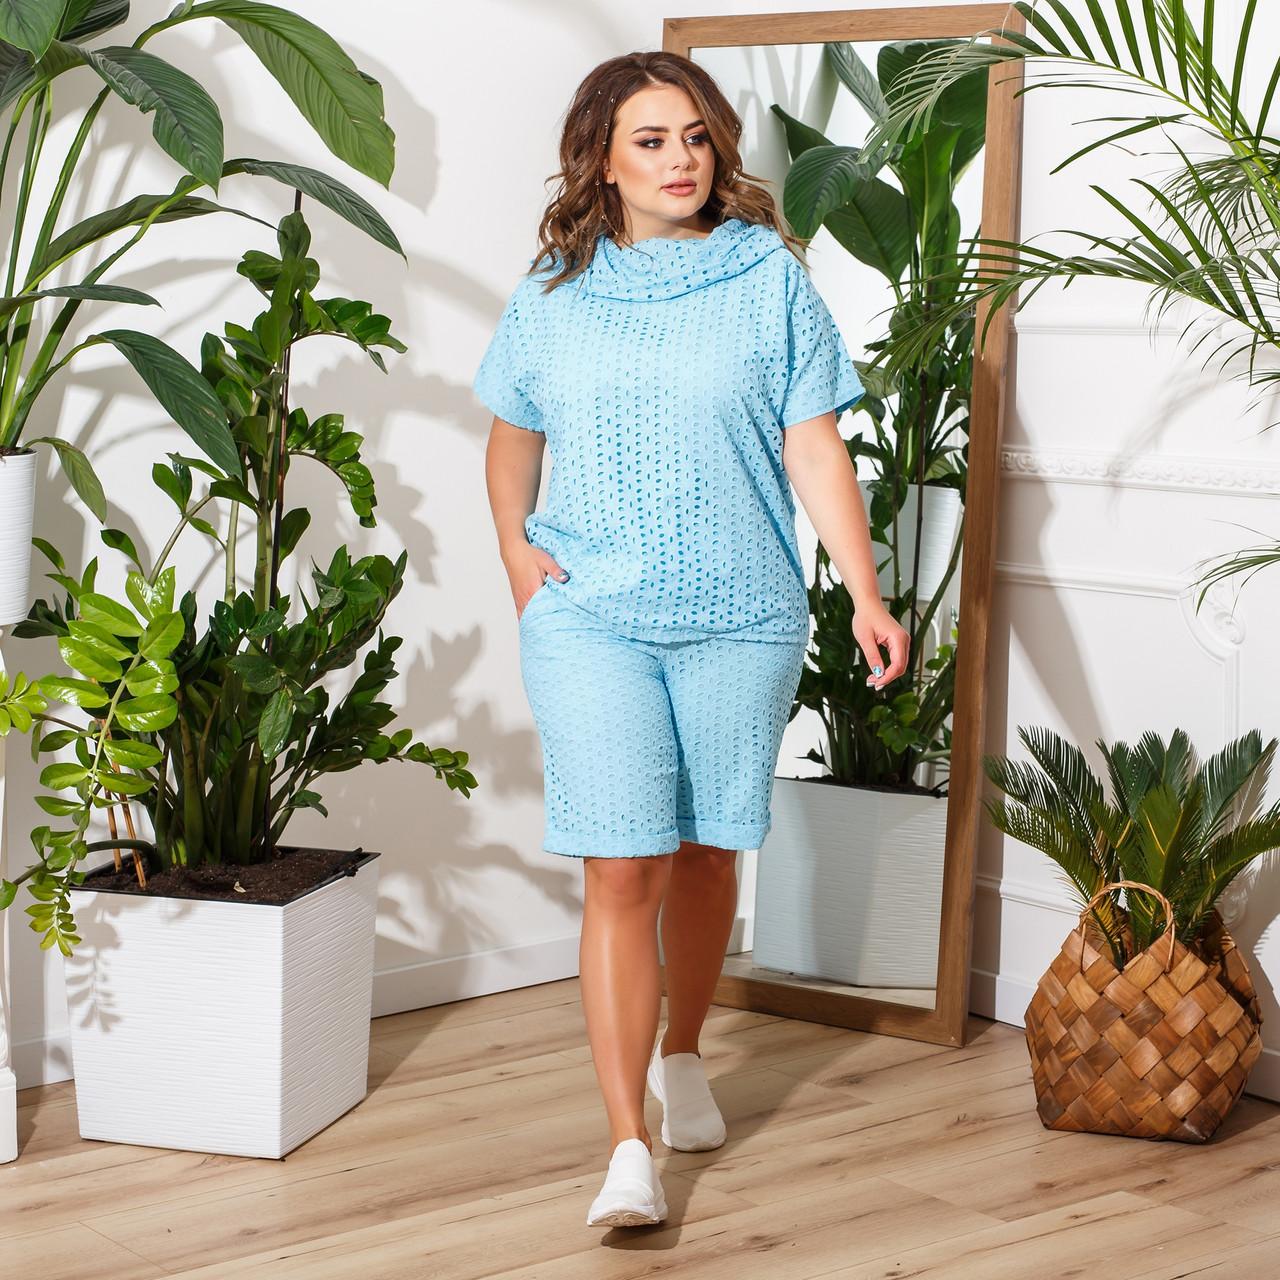 Женский летний костюм с шортами и блузой с капюшоном большие размеры, разные цвета, р.50-60 Код 7756Е